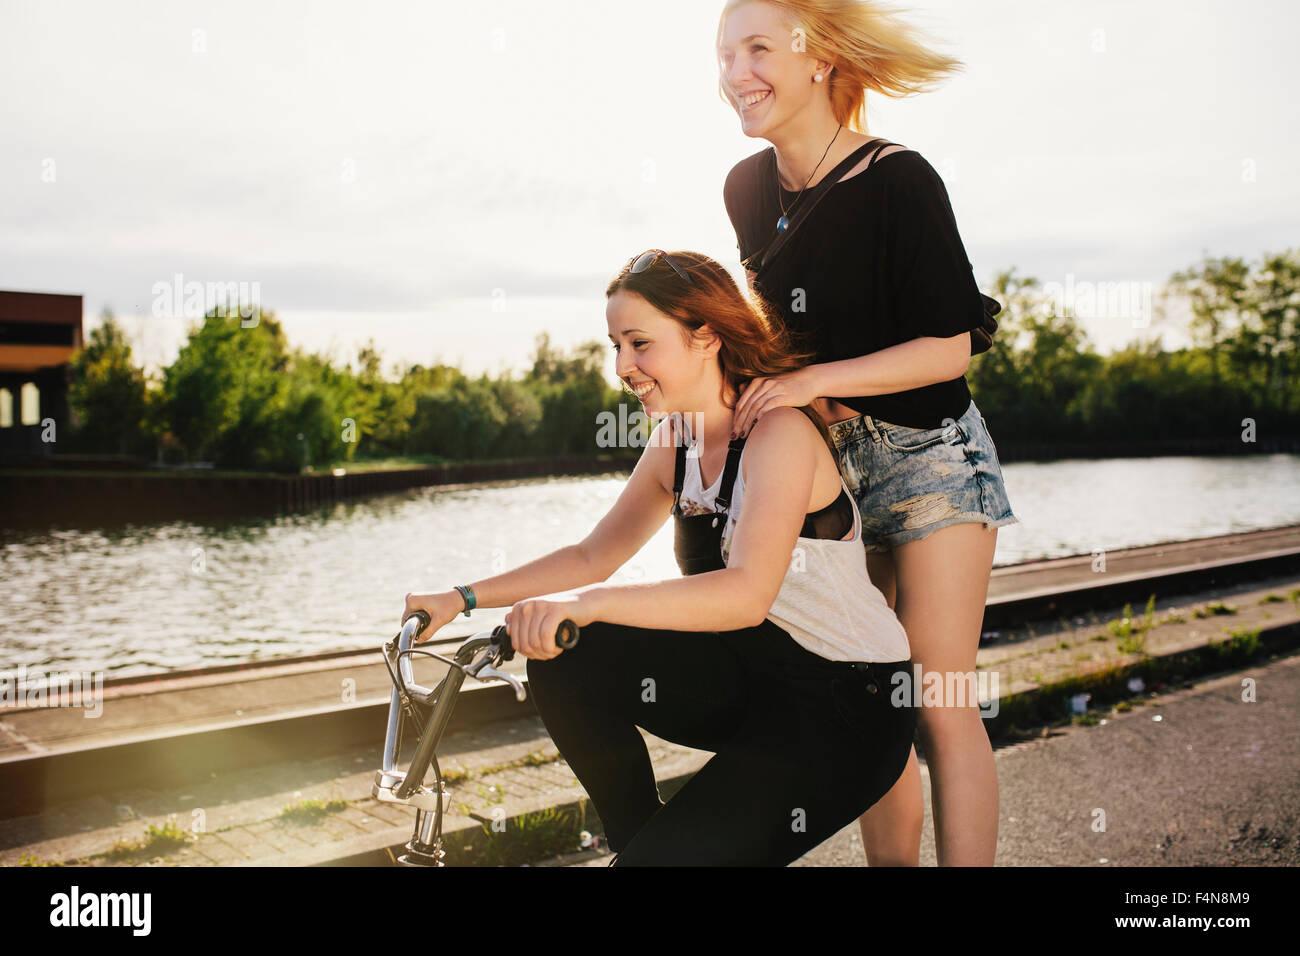 Zwei Freunde mit BMX Fahrrad zusammen Stockbild